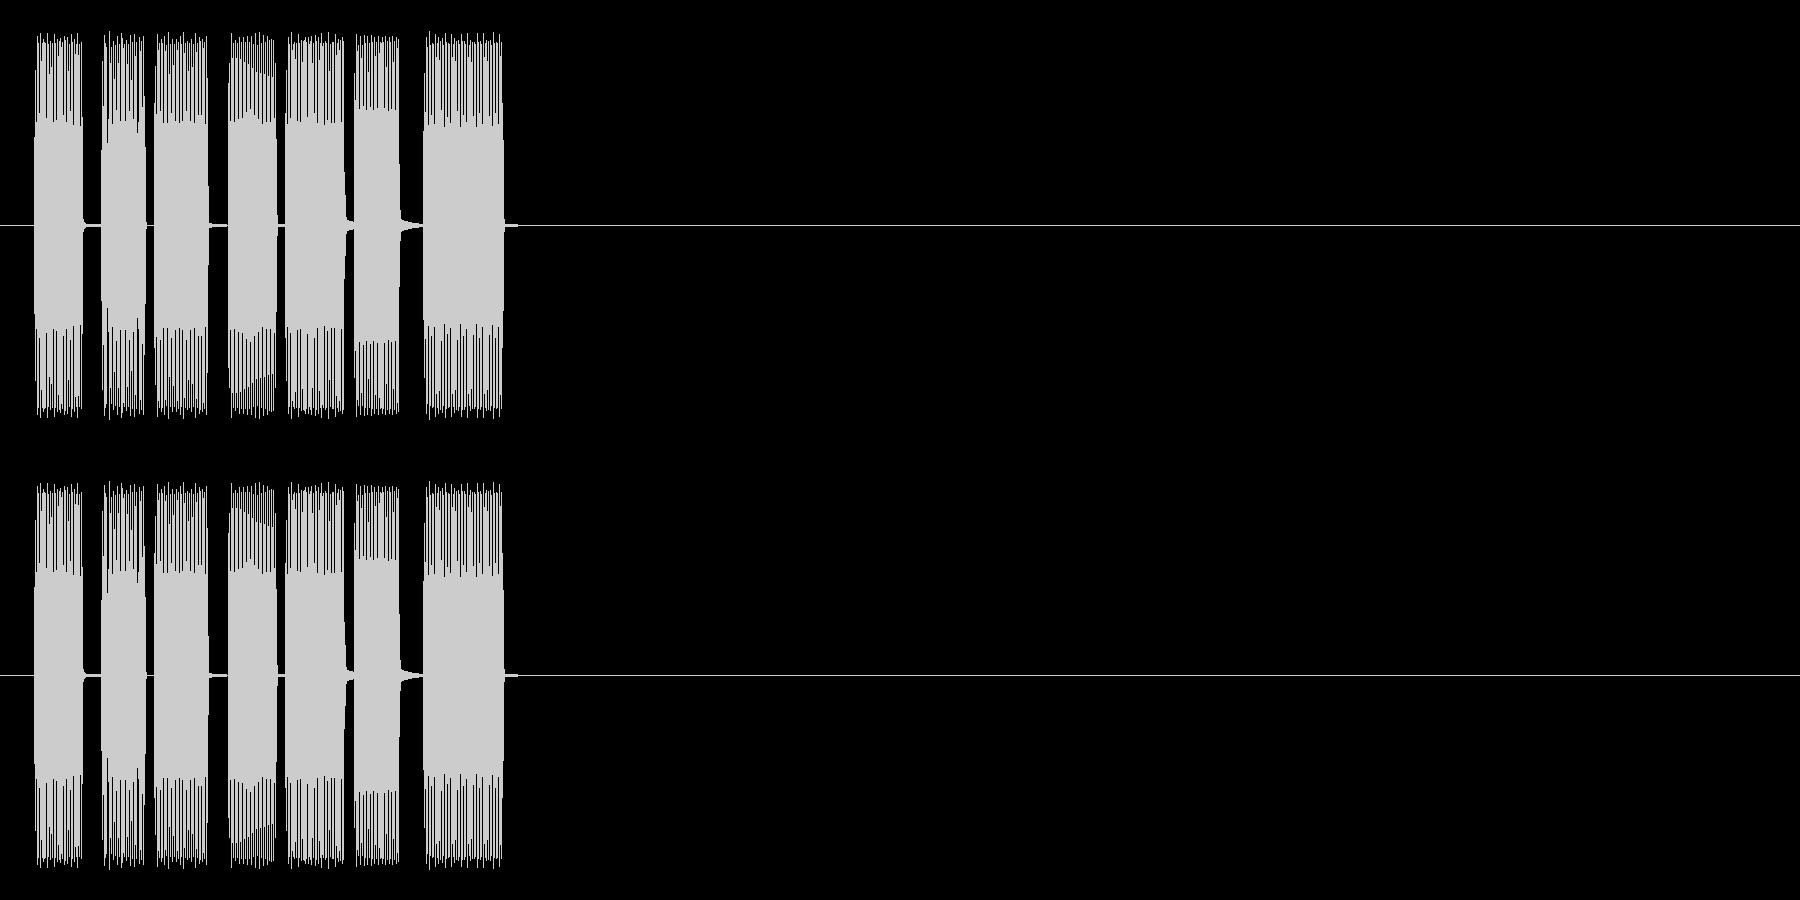 ティロリ(昔ゲーム風)の未再生の波形